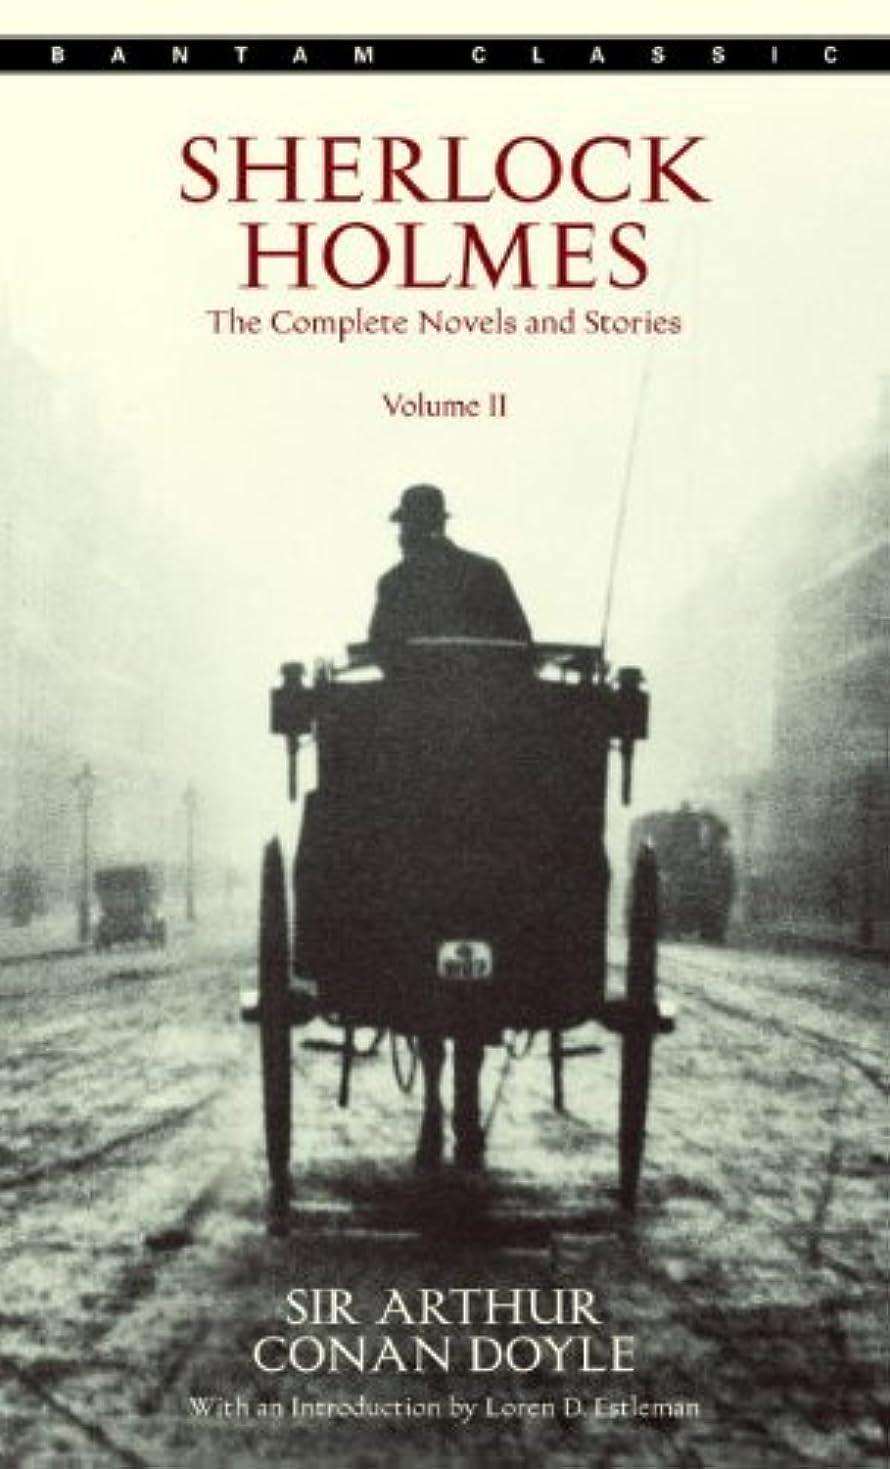 セーブ郵便局ましいSherlock Holmes: The Complete Novels and Stories Volume II (Sherlock Holmes The Complete Novels and Stories Book 2) (English Edition)